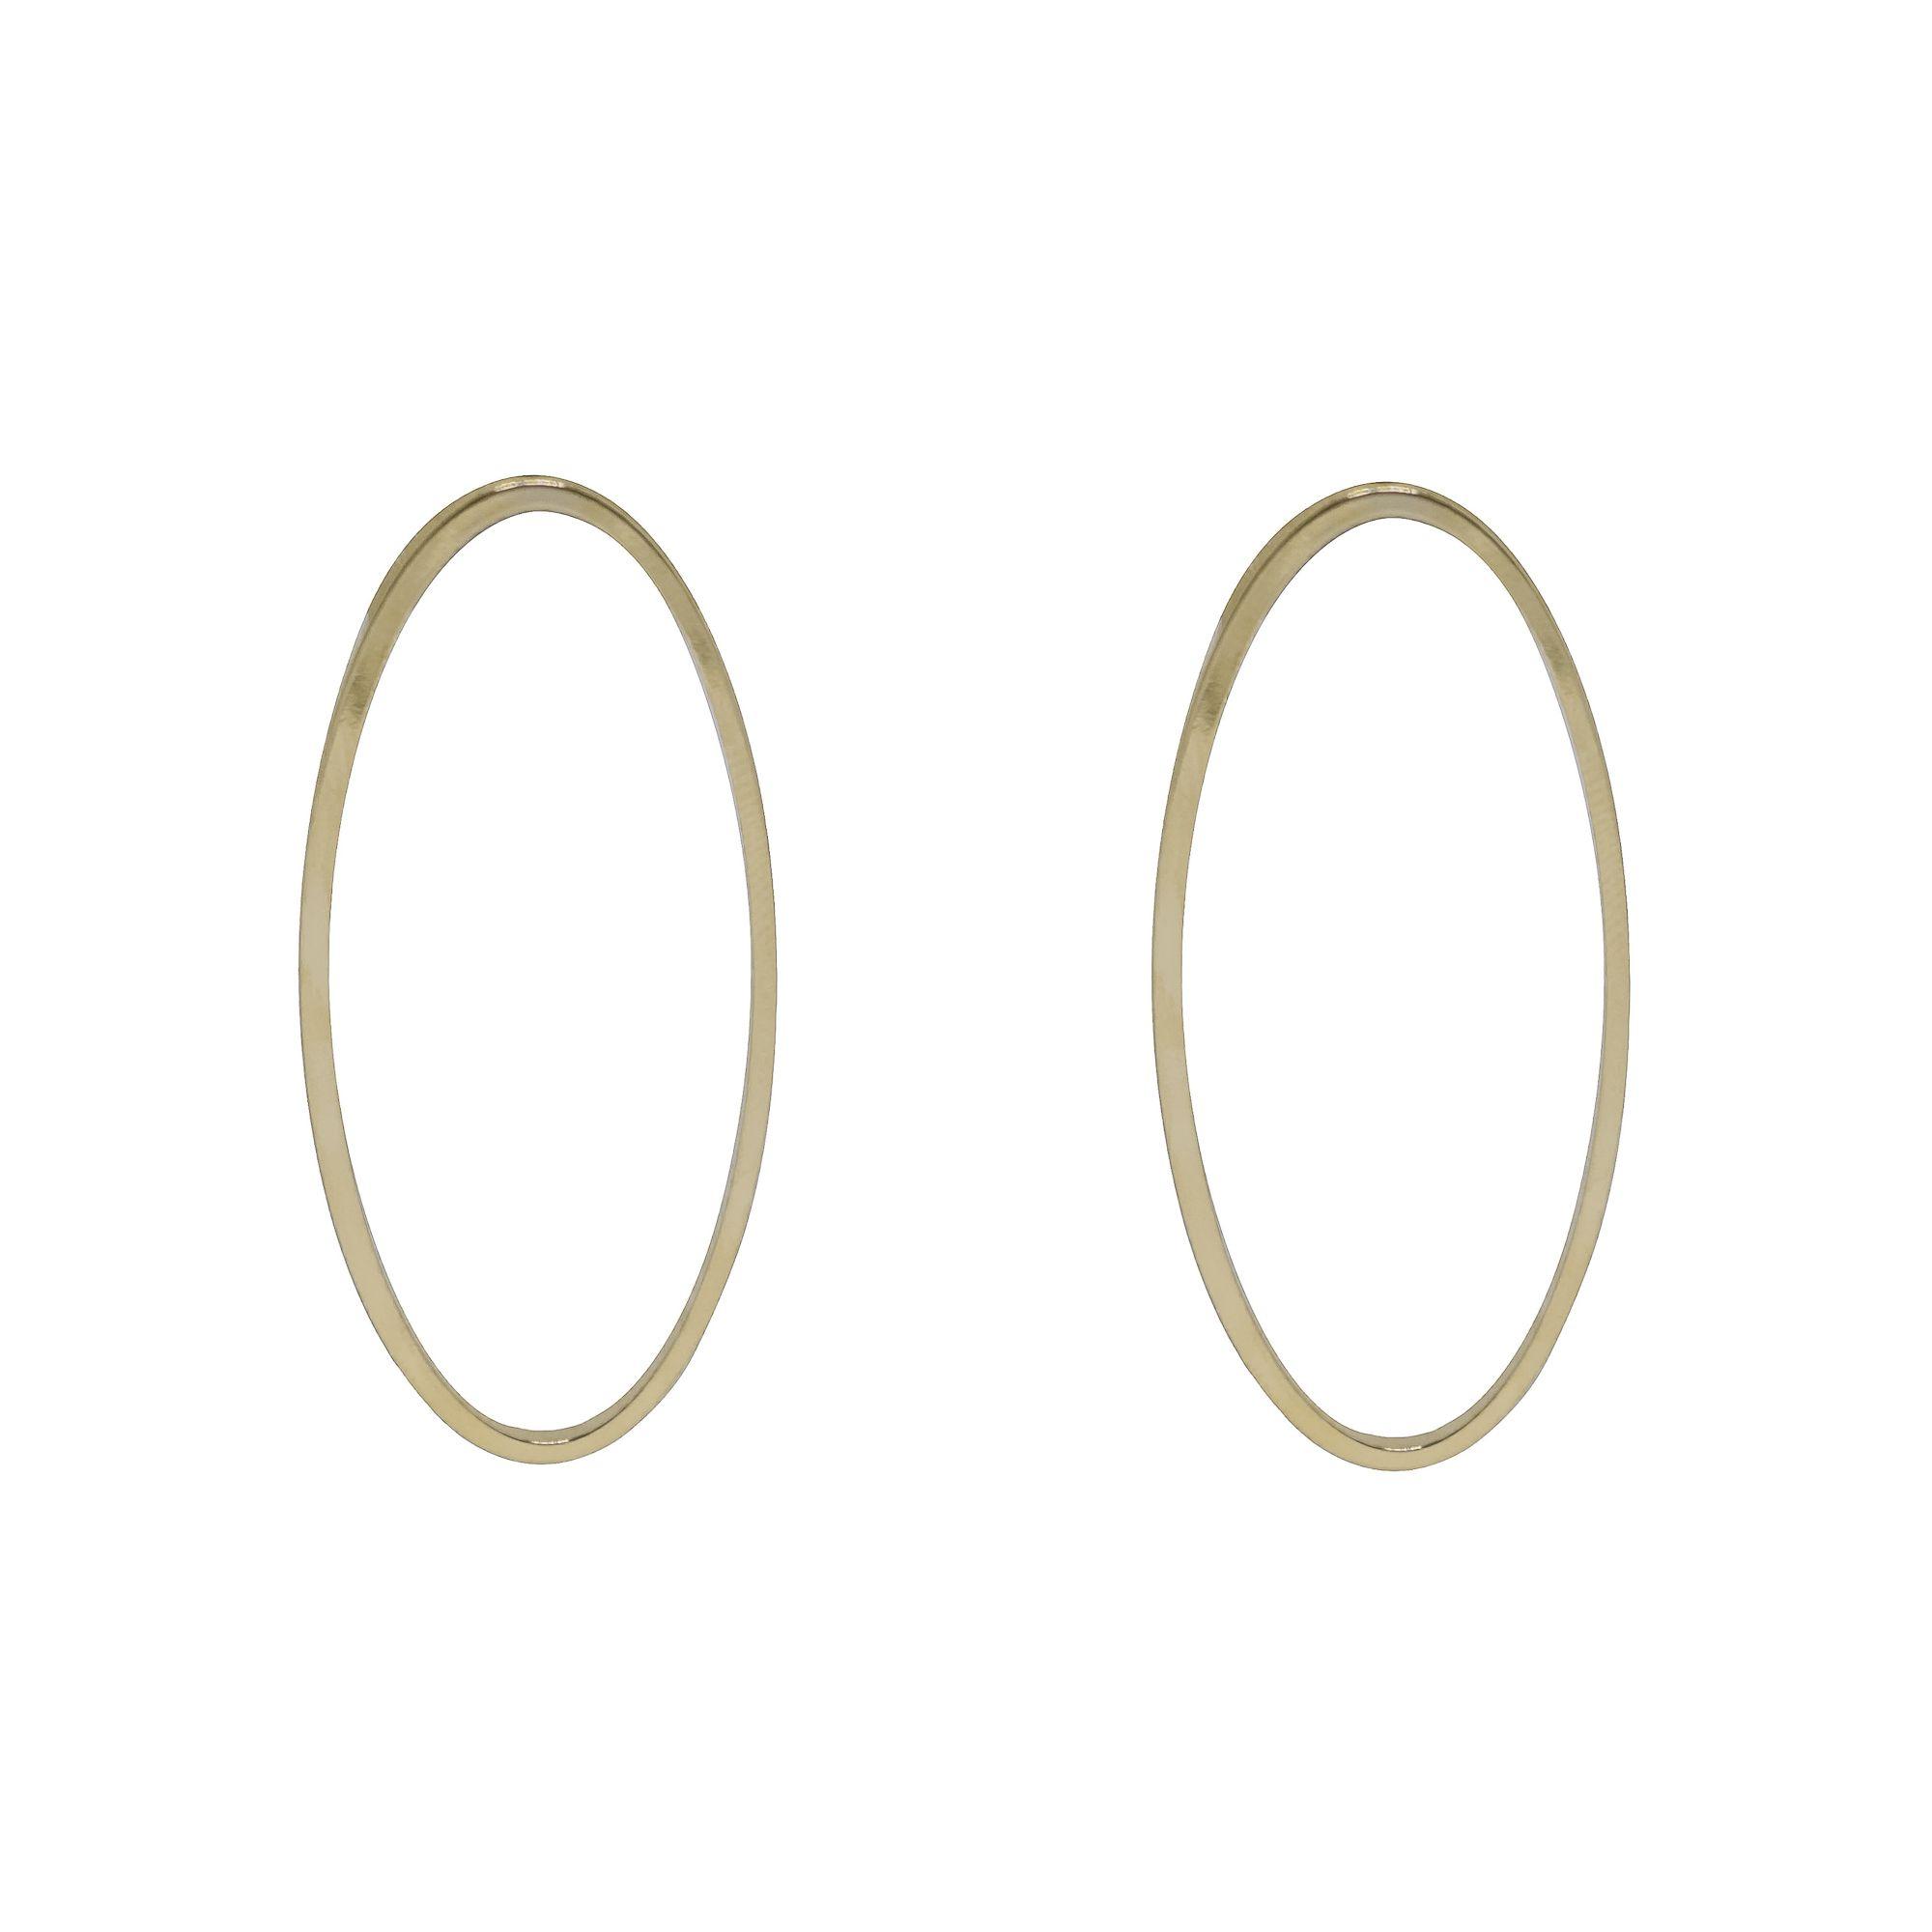 Brinco folheada semijoia Oval vazado estilo minimalista